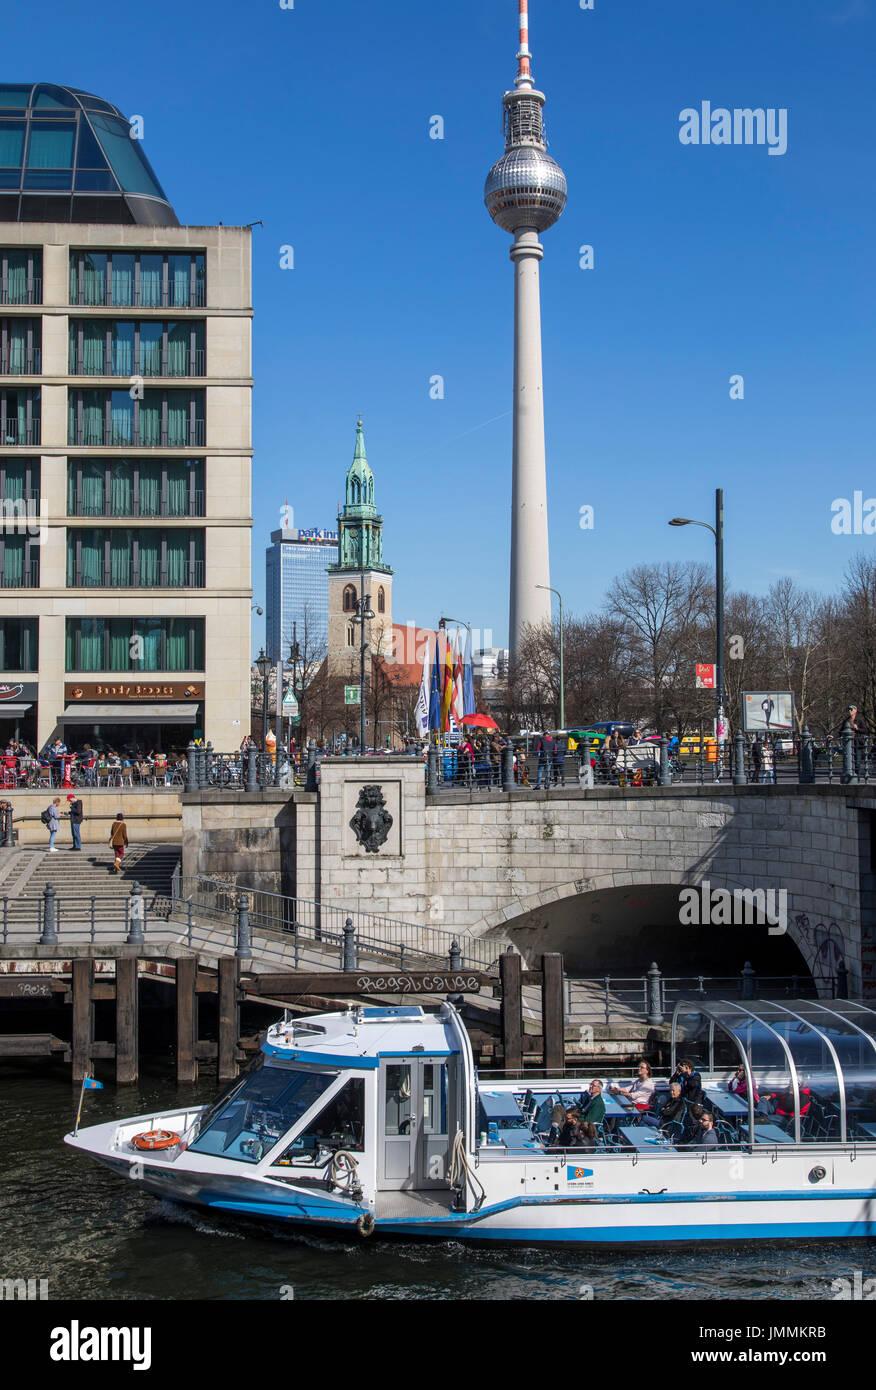 Berlin Deutschland Alexanderplatz Innenstadt Bezirk Mitte Berliner Fernsehturm Radisson Blu Hotel Fluss Spree Ausflugsschiff Stockfotografie Alamy